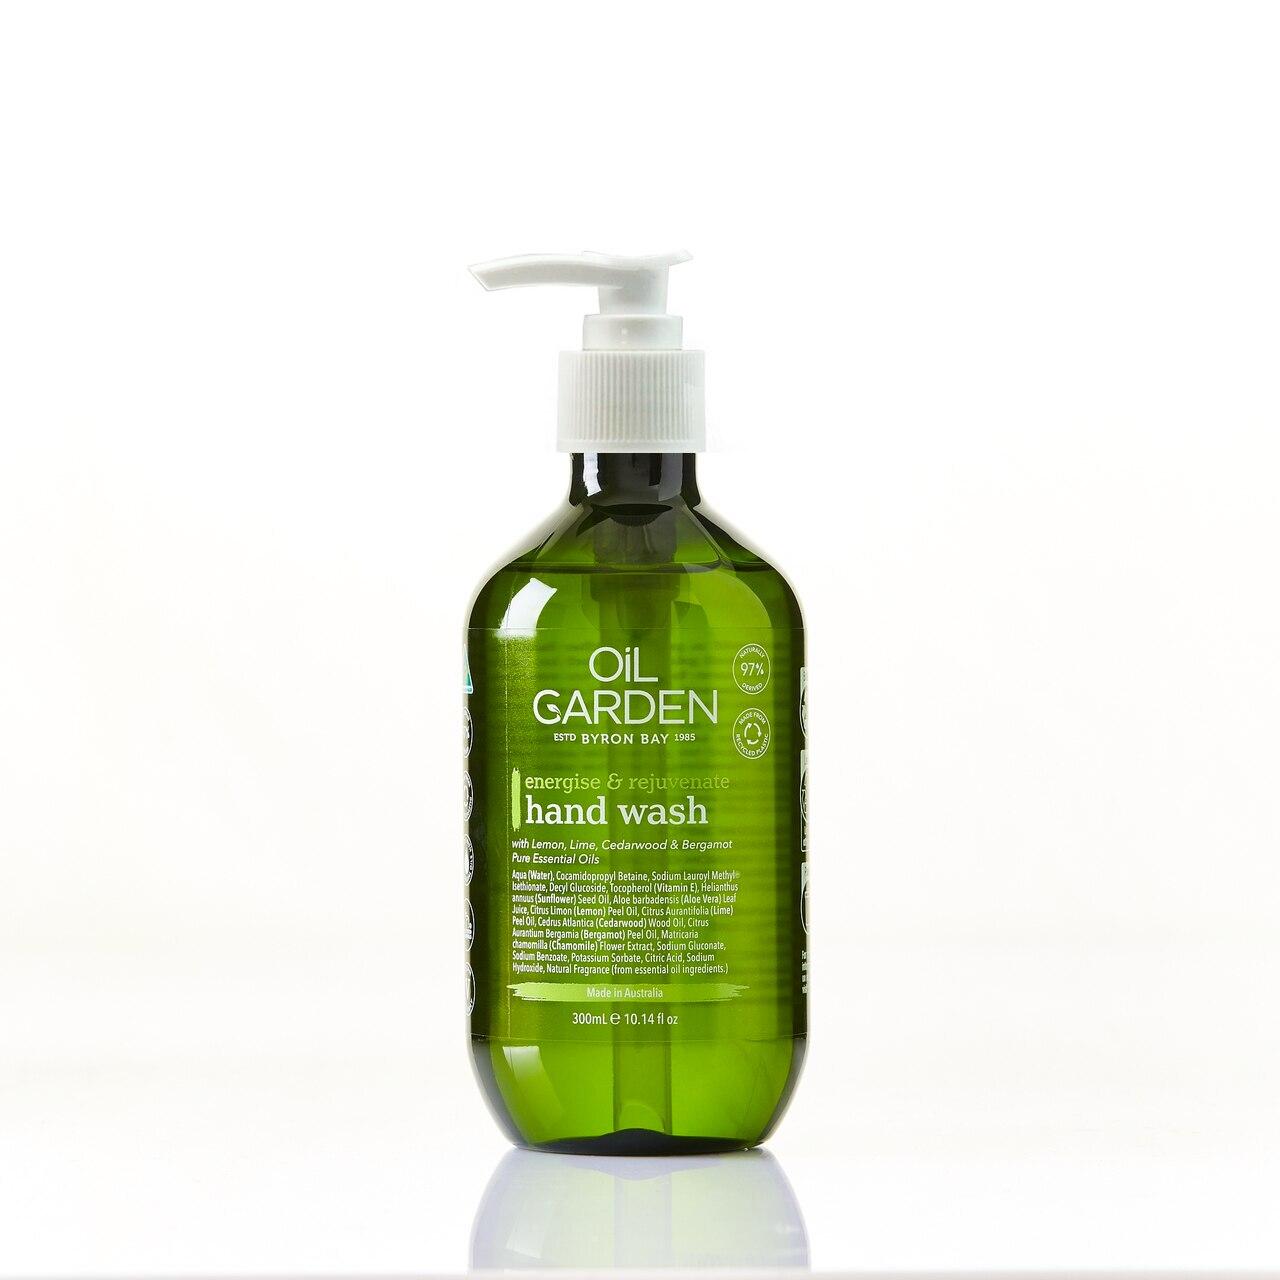 Oil Garden Hand Wash Energise & Rejuvenate 300mL  6691476